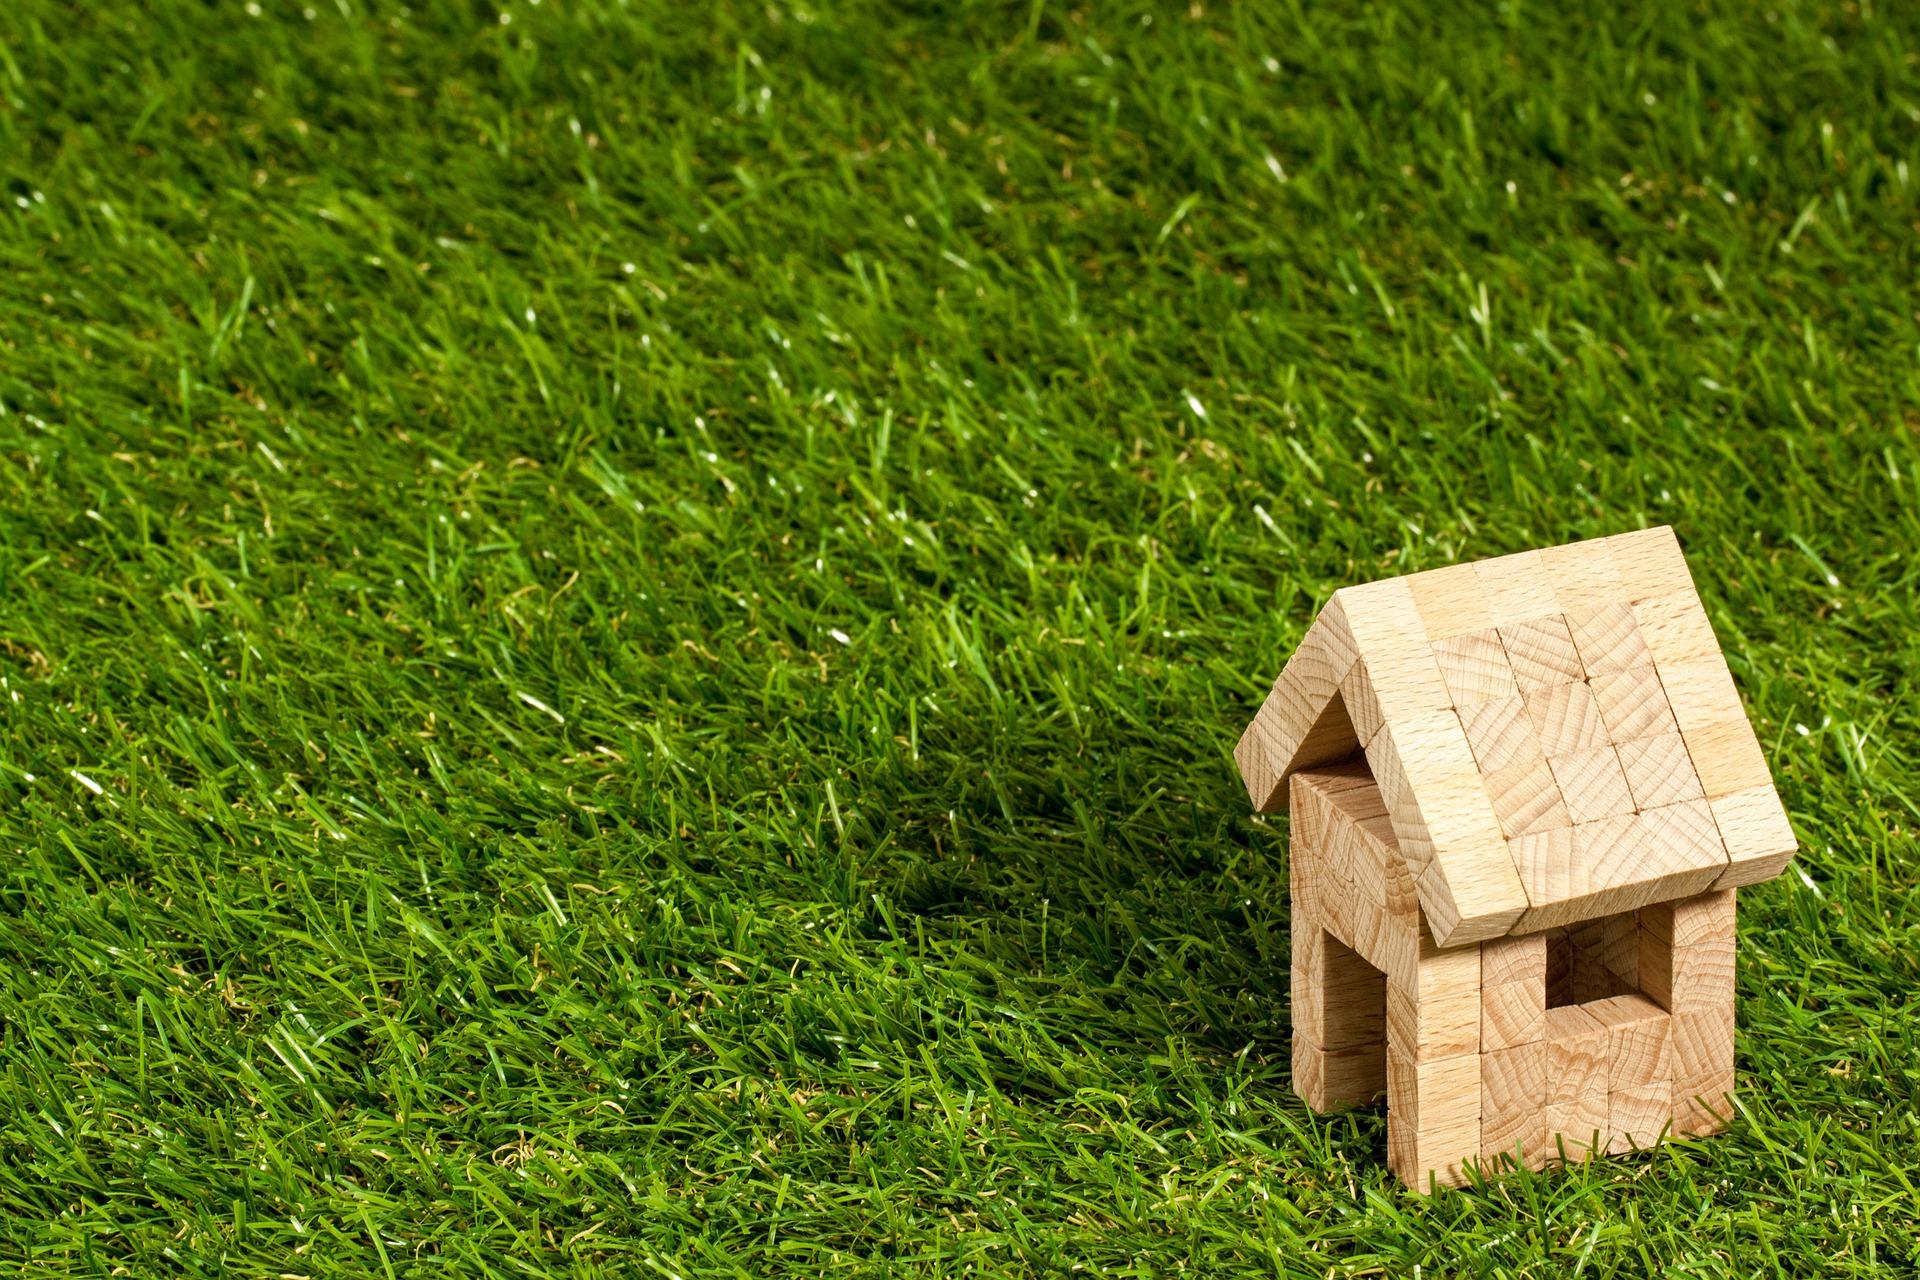 Comment investir dans l'immobilier sans apport?